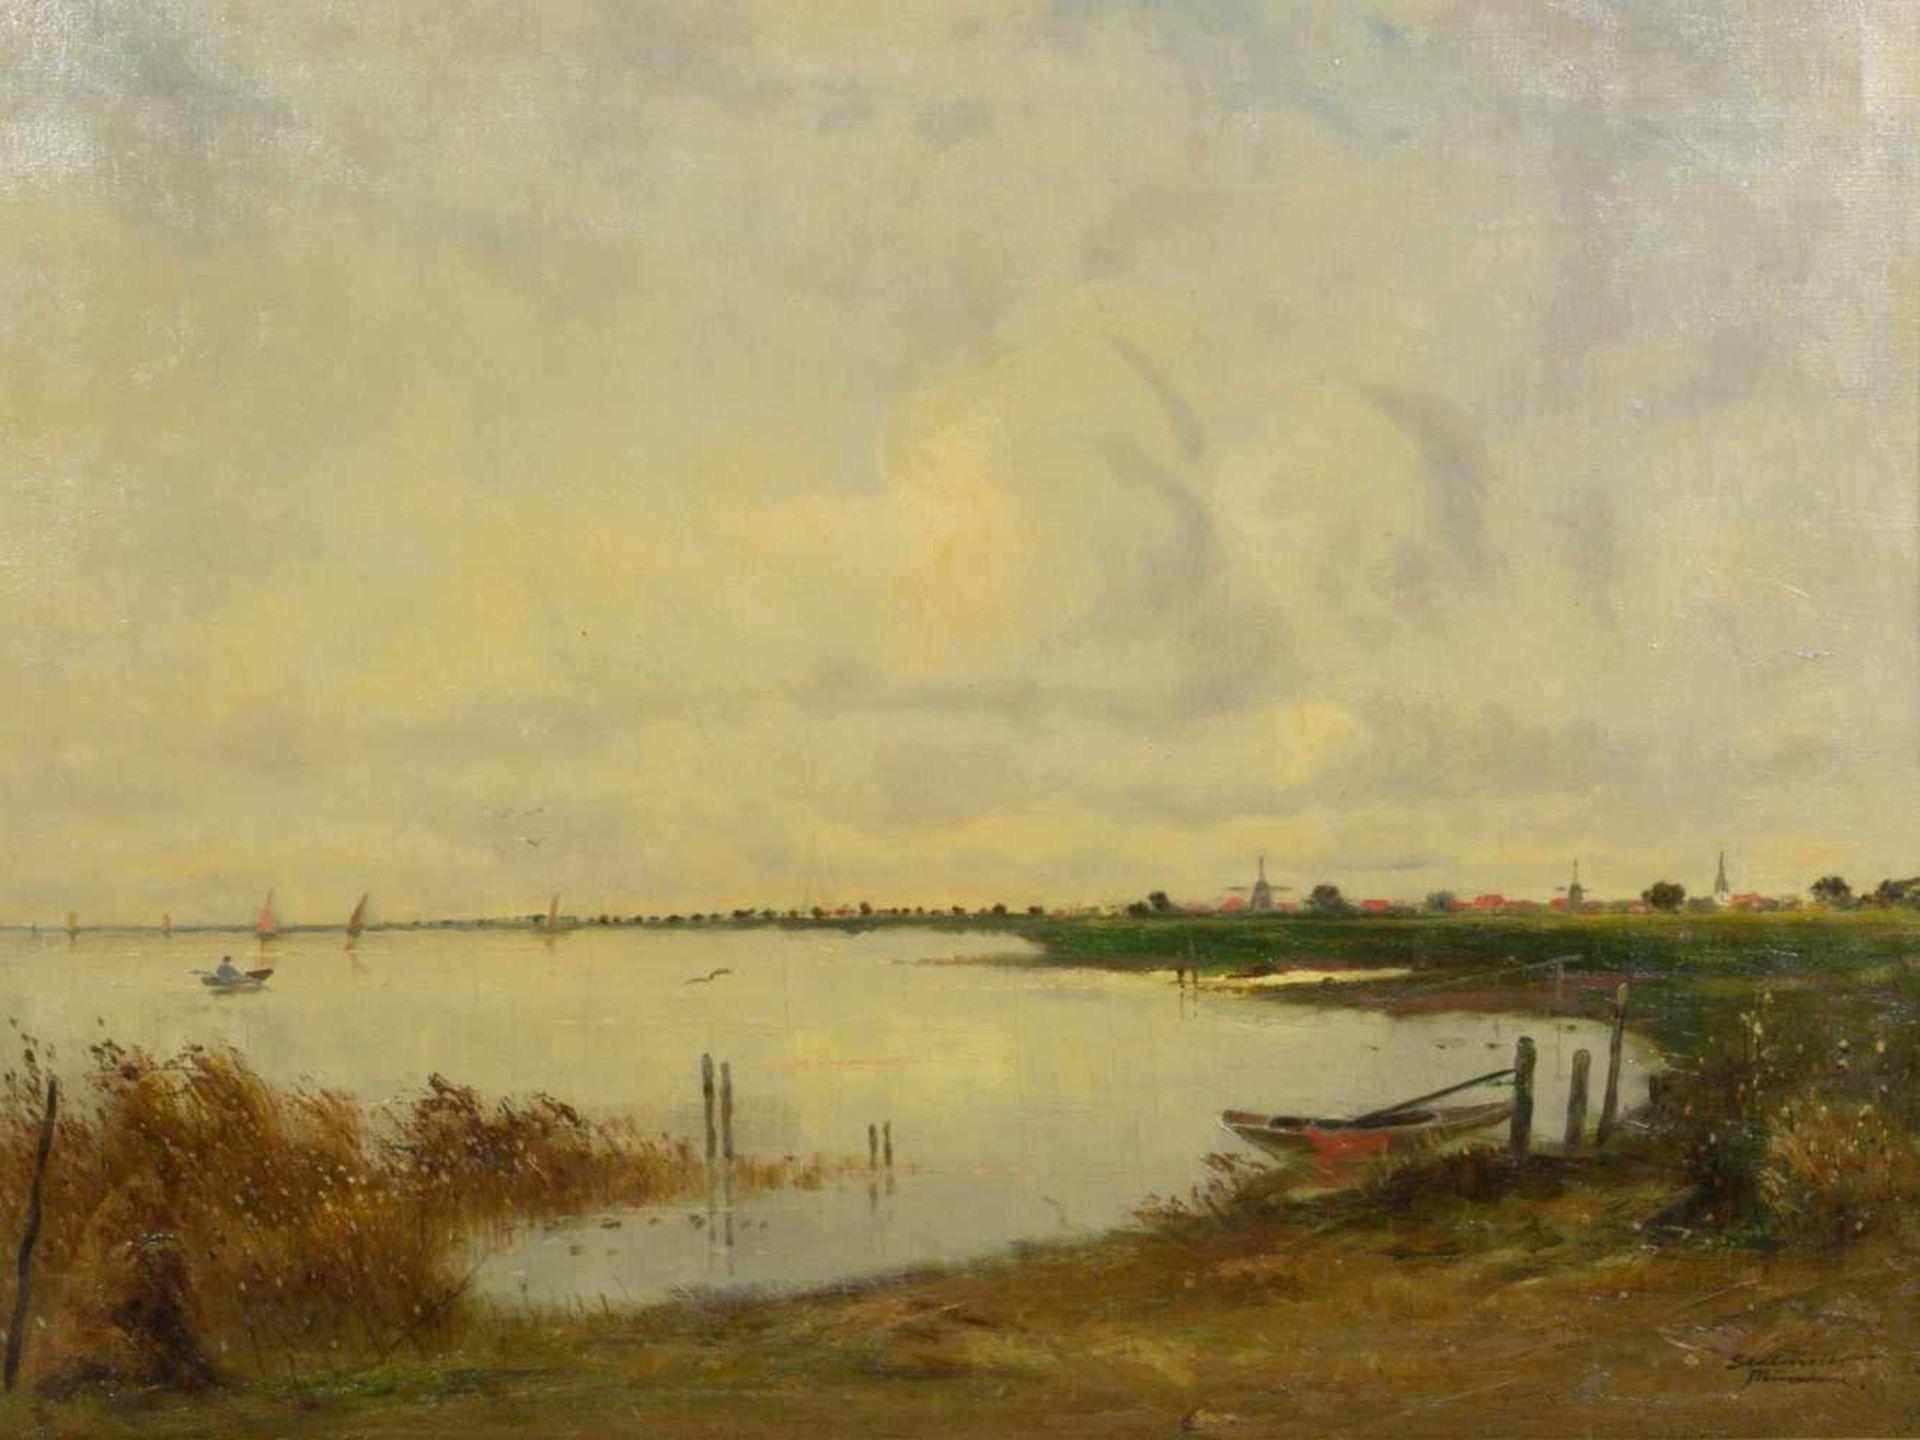 Sedlmeier (Sedlmayer), Sepp - Küstenlandschaft in Norddeutschland oder HollandLandschaftsdarstellung - Bild 2 aus 6